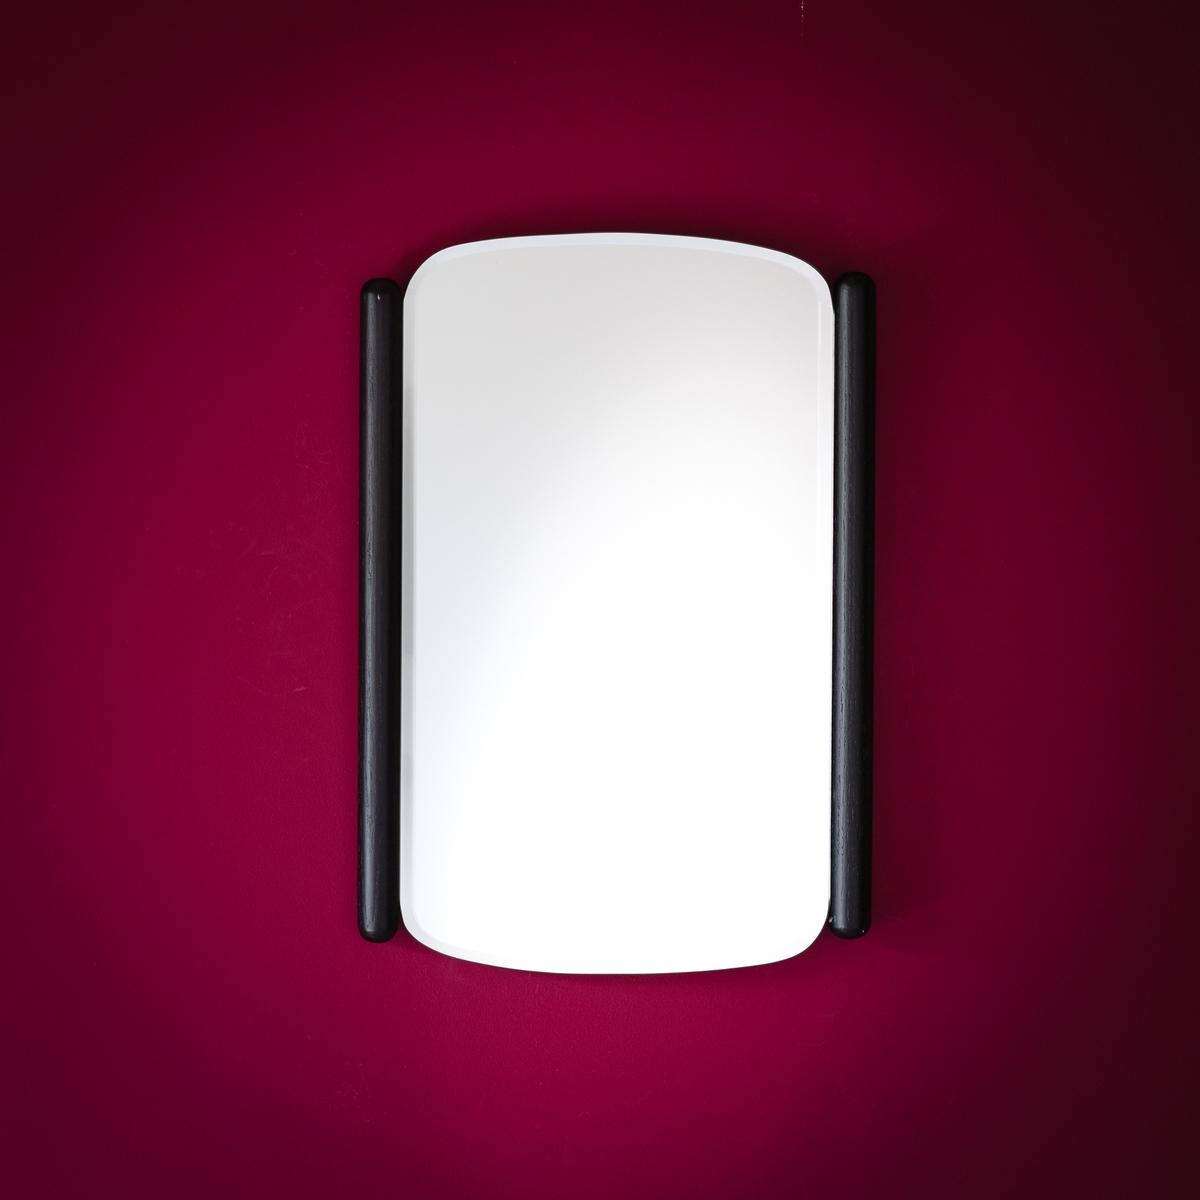 Зеркало из дуба с черным покрытием Maison Sarah LavoineSarah Lavoine и la Redoute Int?rieurs создали вдохновляющую коллекцию, в которой комфорт дополняет дизайн. Художница приглашает Вас в путешествие по стилям и эпохам и дарит Вам свои элегантные и вневременные творения, каждое из которых может рассказать свою уникальную историю. Зеркало из дуба с черным покрытием Maison Sarah Lavoine внесет завершенность в продуманный интерьер благодаря игре отблесков и света. Прекрасно смотрится отдельно или в сочетании с таким же зеркалом большего размера, представленным на сайте laredoute.ruОписание зеркала из дуба с черным покрытием Maison Sarah Lavoine :Зеркало со скошенными гранями  Характеристики зеркала из дуба с черным покрытием Maison Sarah Lavoine :Дуб с черным матовым покрытием Зеркало со скошенными гранями  Крепление для вертикального или горизонтального положения Всю коллекцию Maison Sarah Lavoine можно найти на сайте laredoute.ruРазмеры зеркала из дуба с черным покрытием Maison Sarah LavoineШирина 35 см.Высота 55 смТолщина 2 см<br><br>Цвет: черный